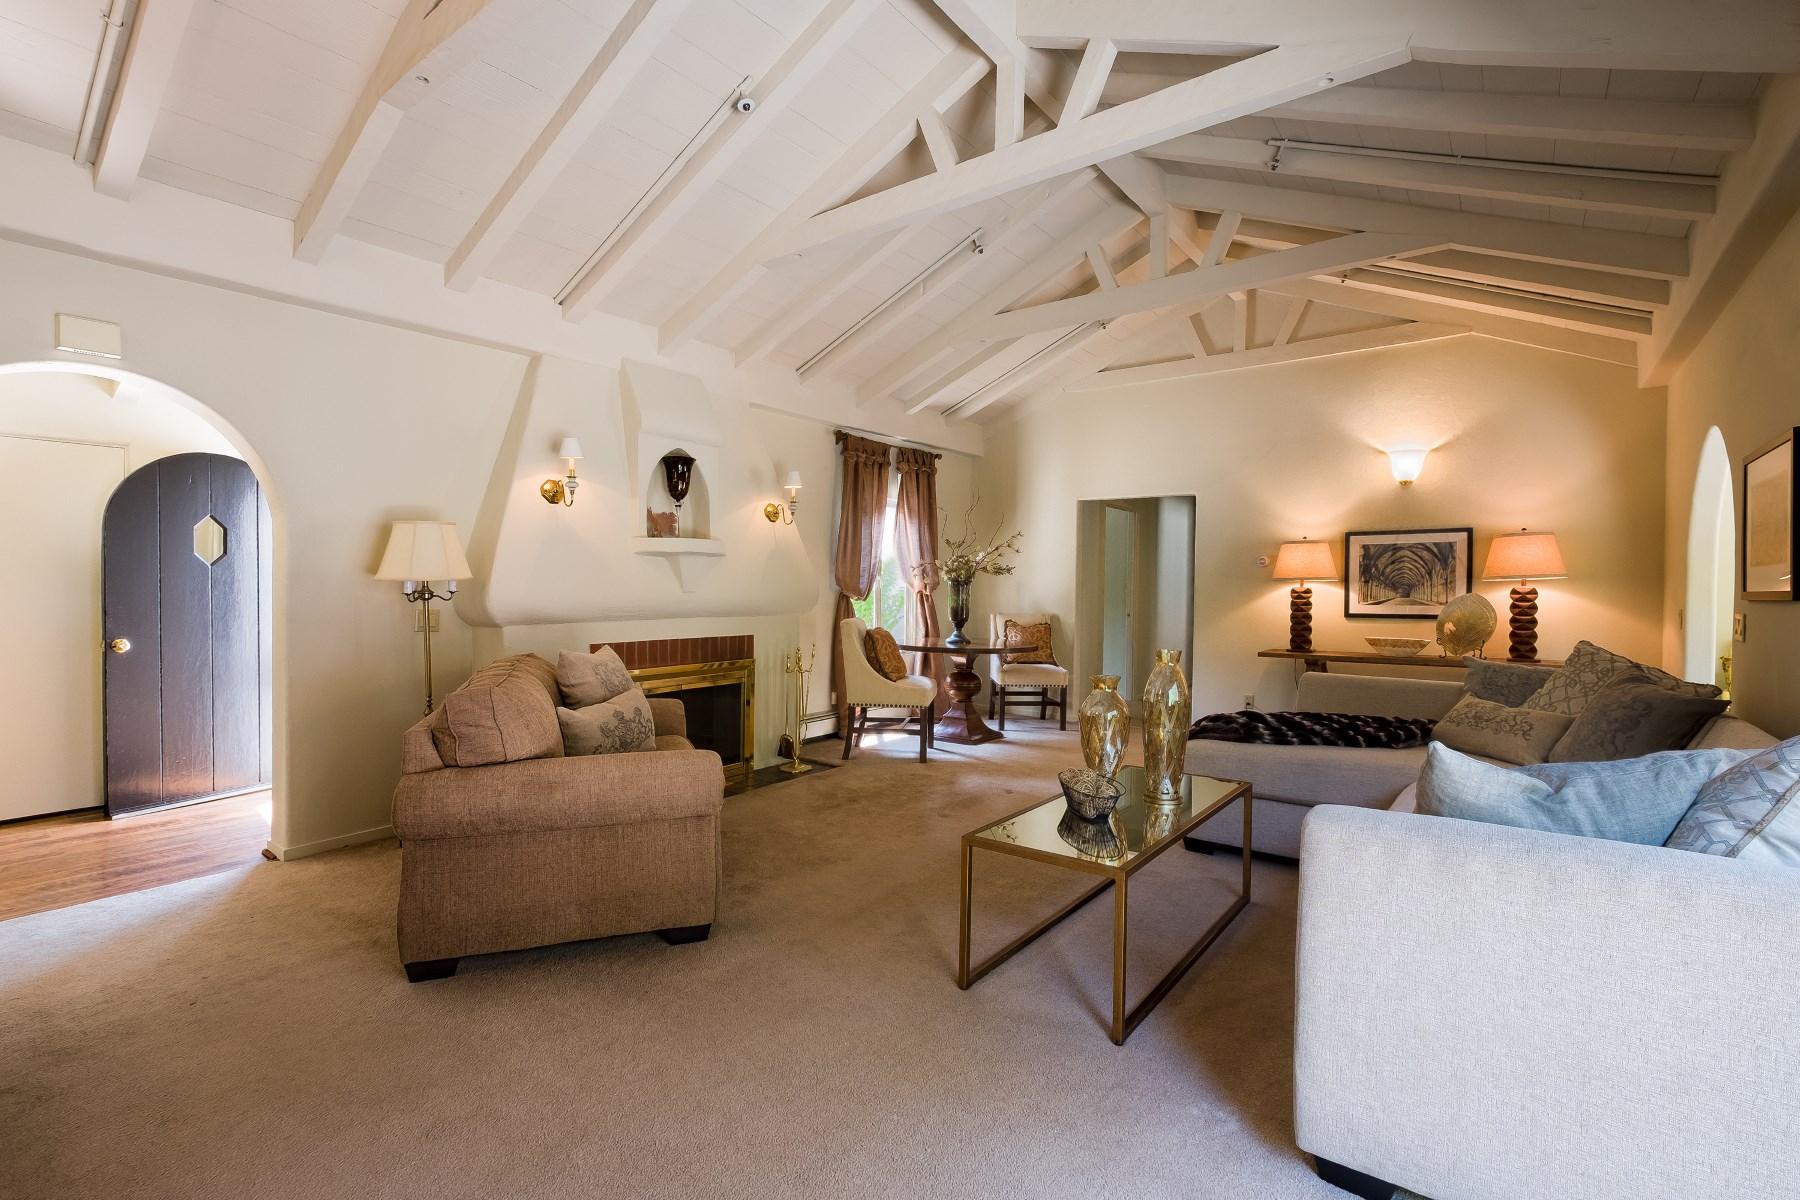 Maison unifamiliale pour l Vente à Monterey - Residential Care Facility 1100 Pacific St Monterey, Californie, 93940 États-Unis